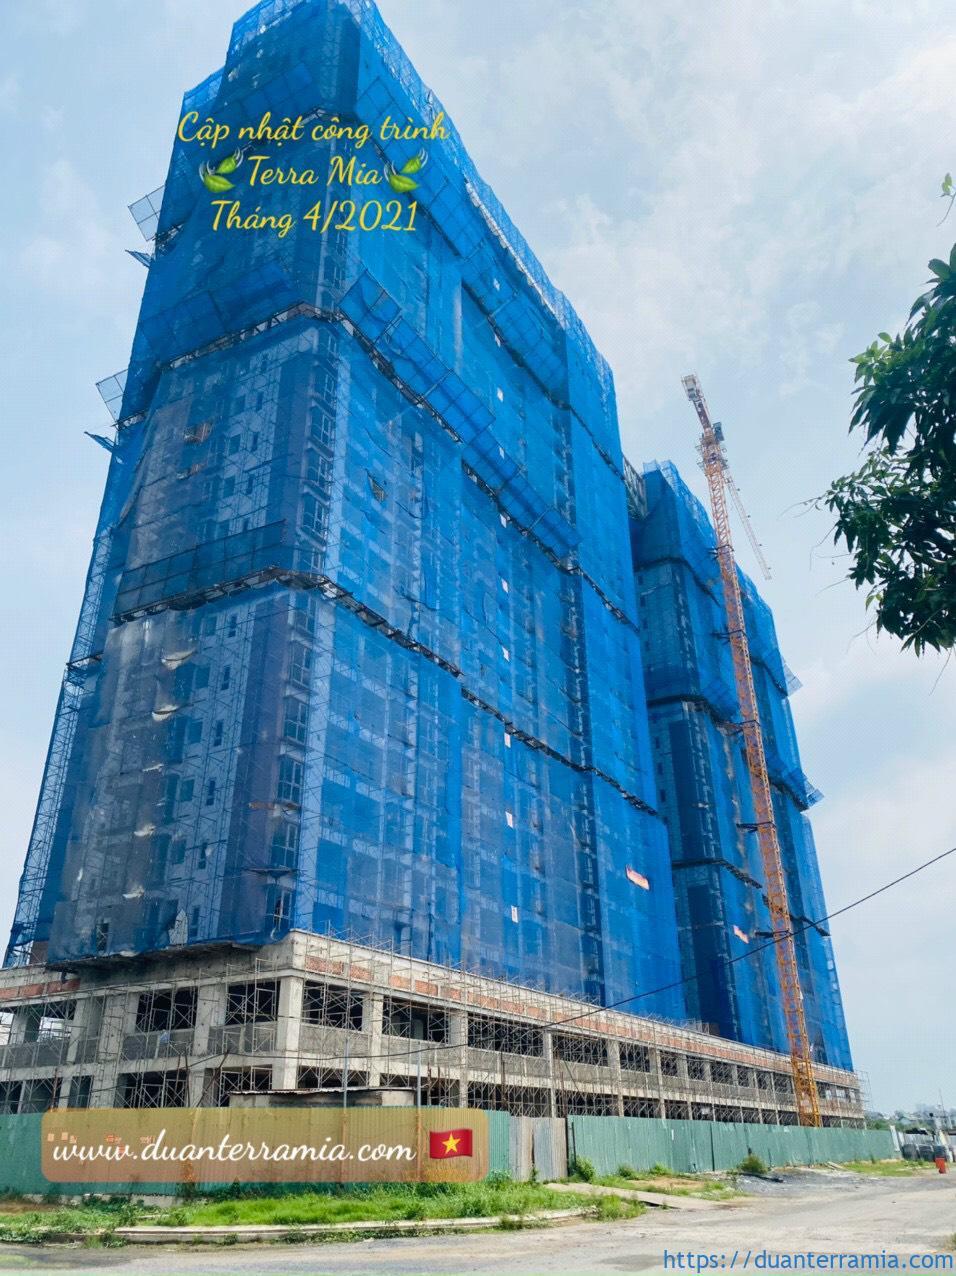 Cập nhật tiến độ xây dựng căn hộ Terra Mia Tháng 4.2021 (4)